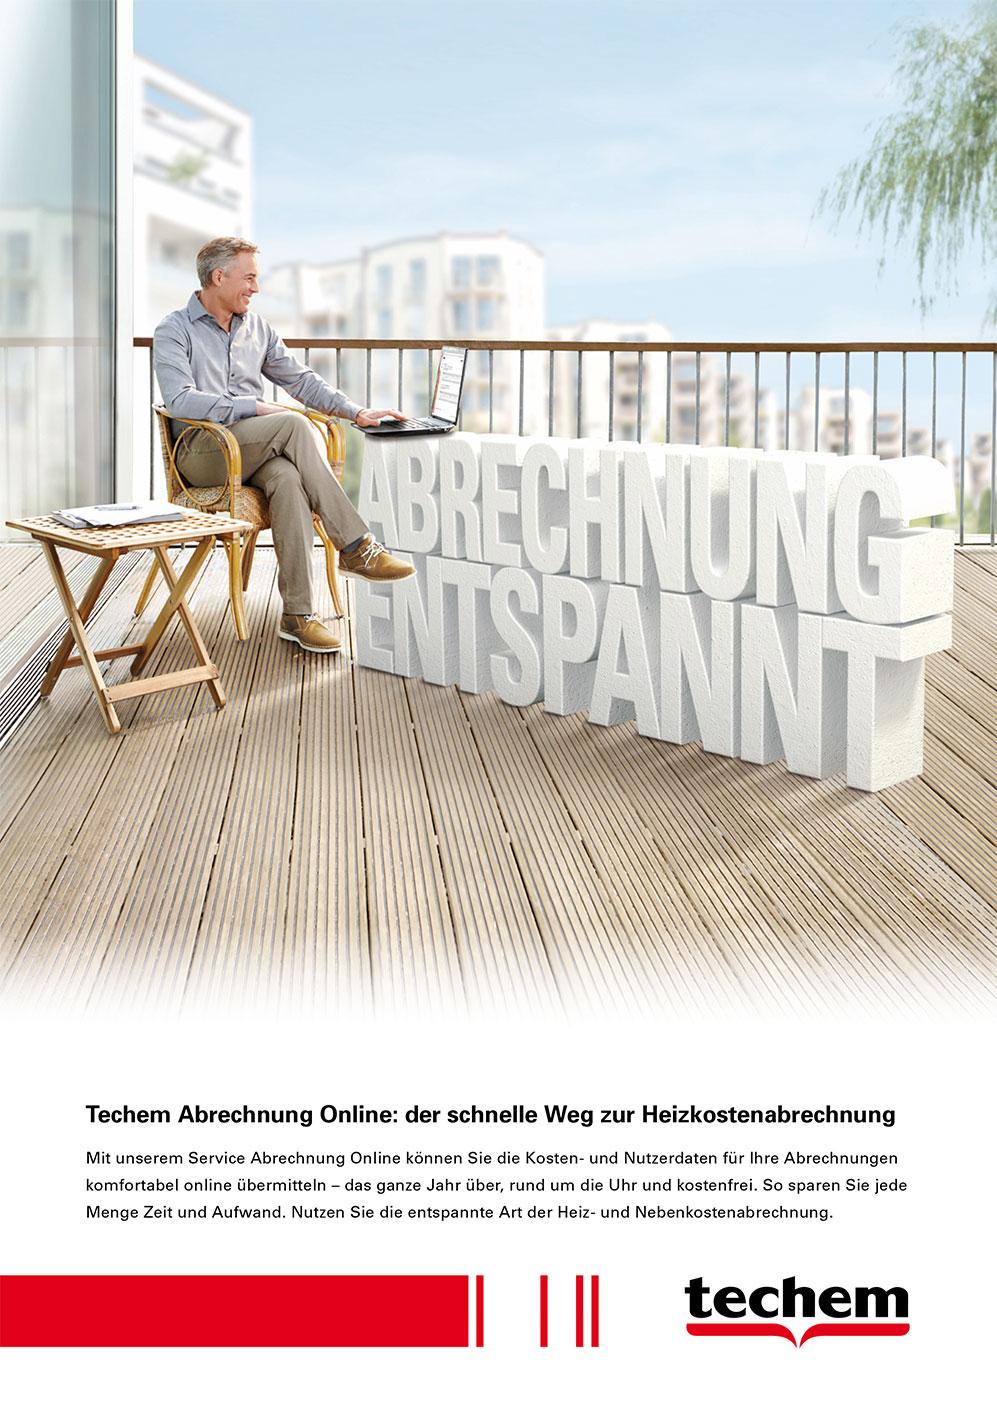 Anzeigenkampagne_Techem_Abrechnung